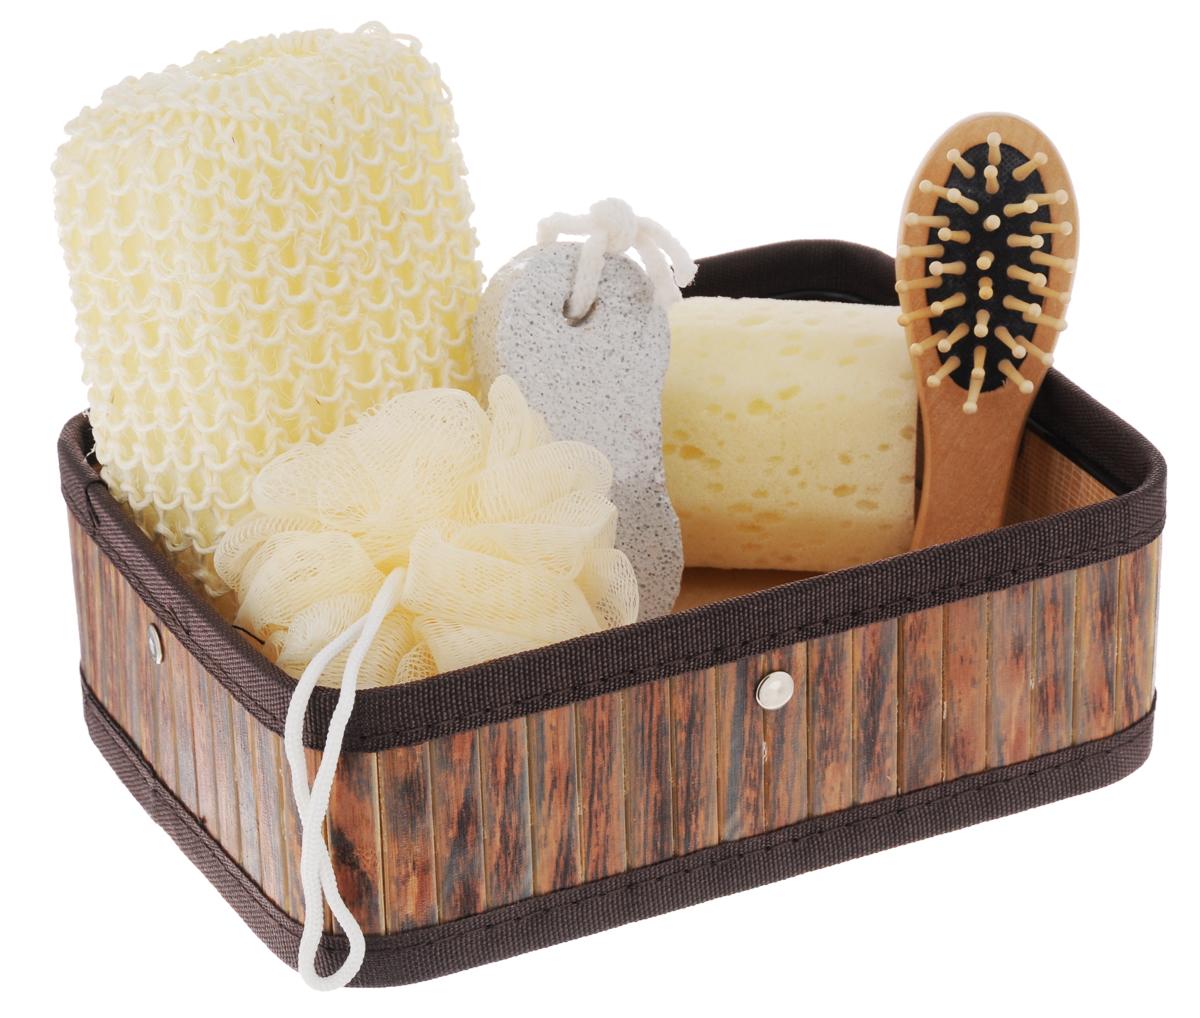 Набор для ванной и бани Феникс-Презент Чистюля, 6 предметов40633Набор для ванной и бани Феникс-презент Чистюля включает: - массажная щетка для волос из древесины павловнии, - мочалка для купания из сизаля, - мочалка для купания из полиэтилена, - губка для купания из поролона, - пемза для ухода за кожей, - коробка из бамбука. Такой мини-набор станет не заменимым и сделает банную процедуру еще более комфортной и расслабляющей. Размер мочалки из сизаля: 14 х 9 х 4,5 см. Диаметр мочалки из полиэтилена: 9,5 см. Диаметр губки для купания: 6 см. Размер щетки для волос: 12 х 4 х 2,3 см. Размер коробки: 22,1 х 16,1 х 7,2 см. Размер пемзы: 9,5 х 4,2 х 1,5 см.